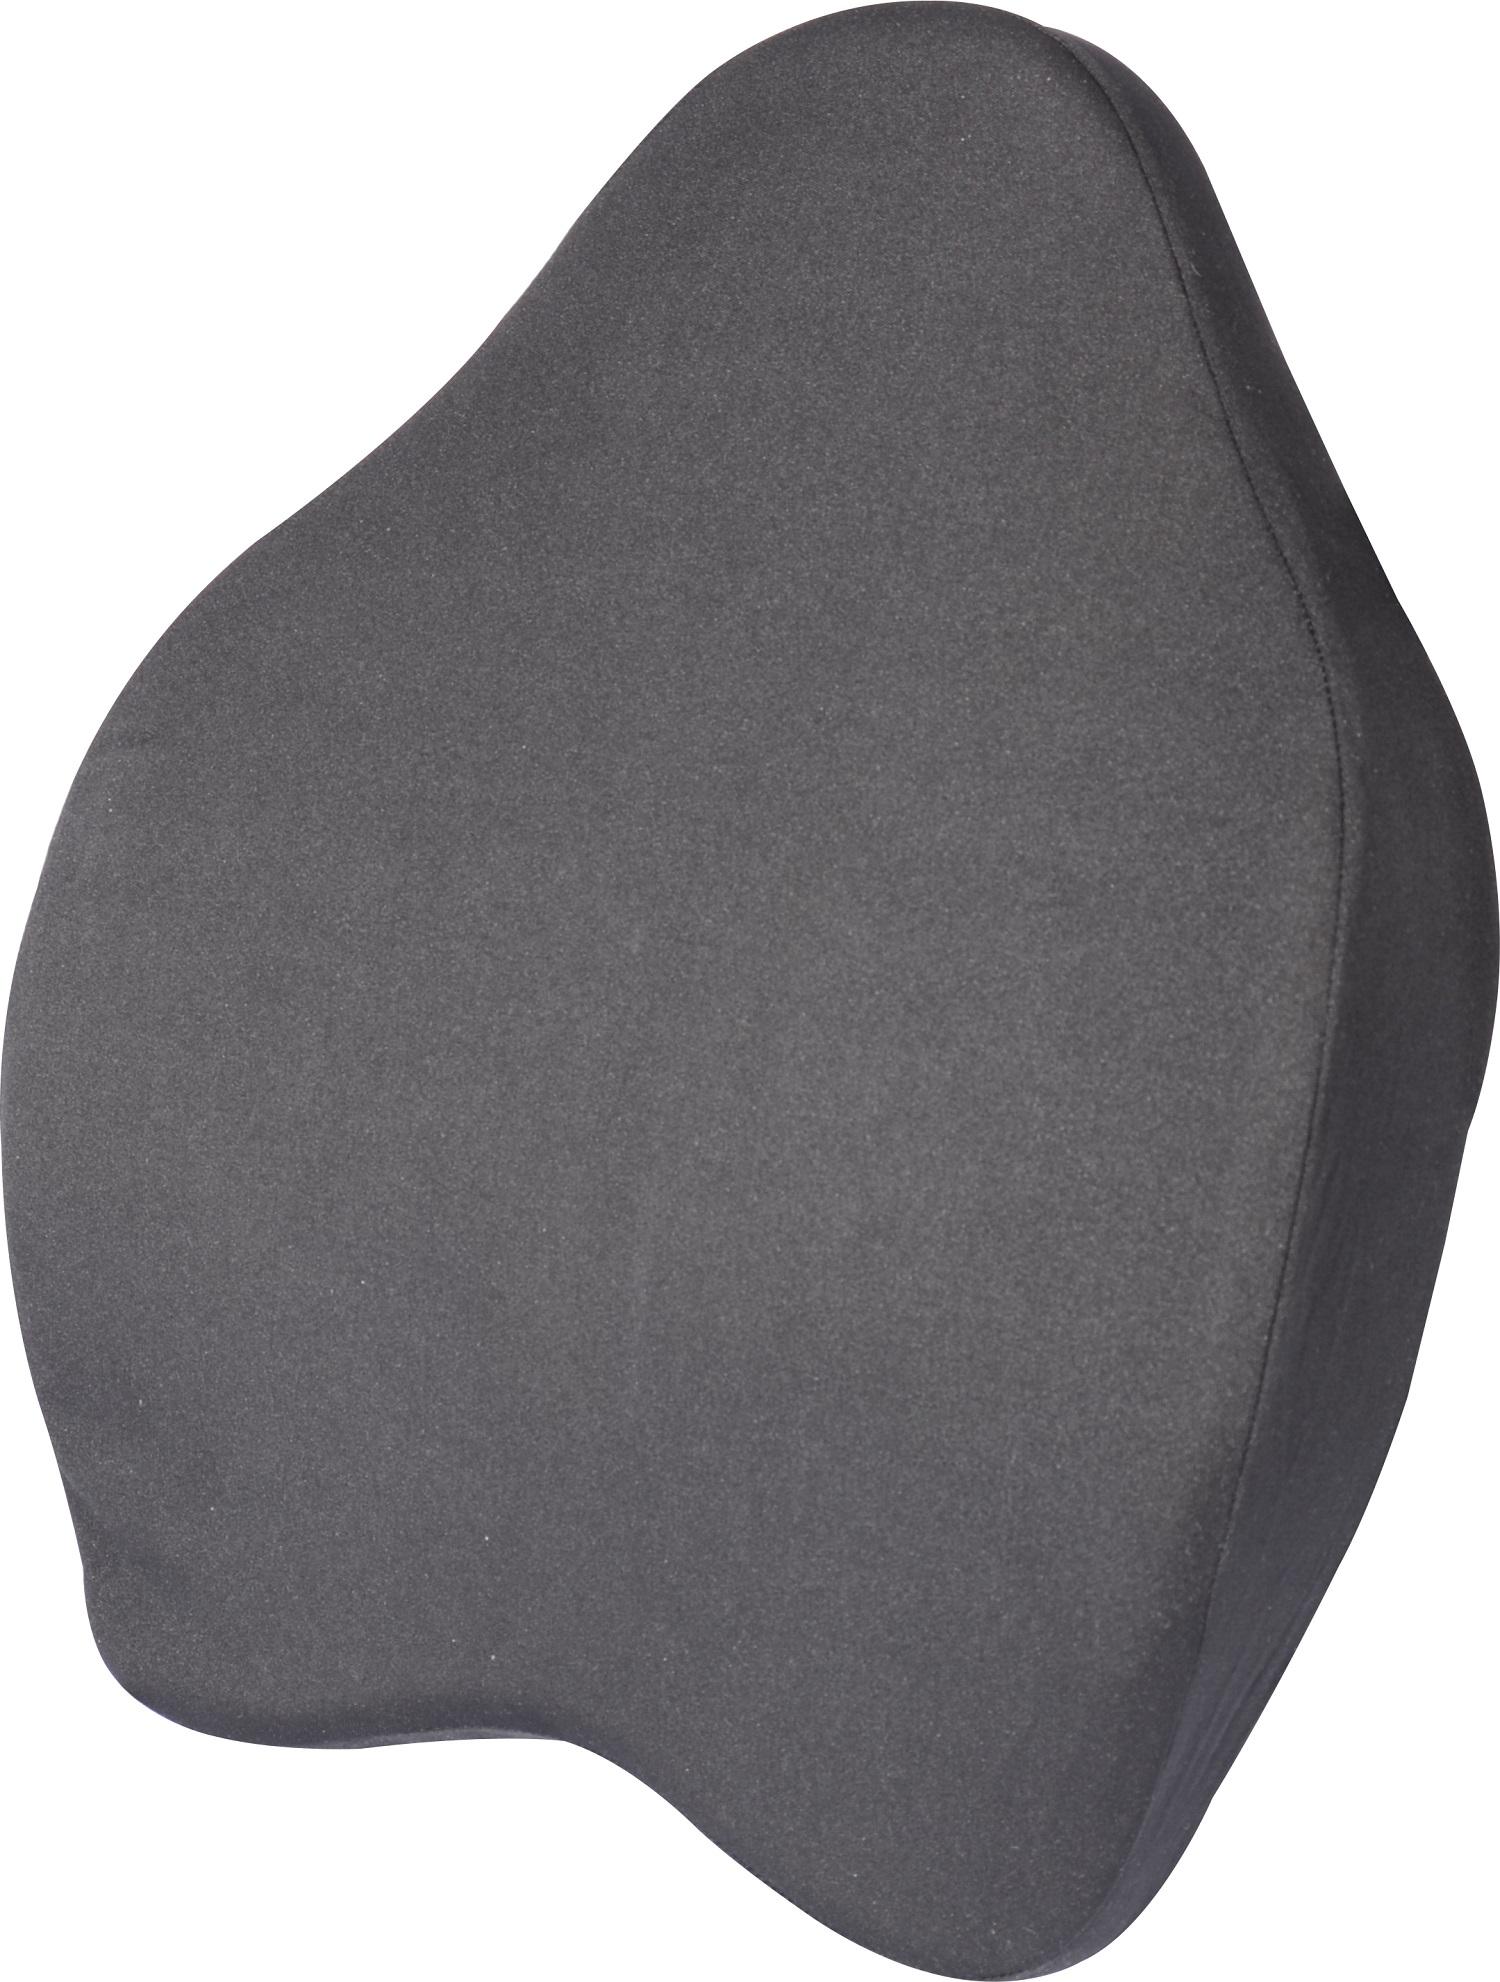 כרית אורתופדית תומכת גב מלא - כרית גבוהה מויסקו